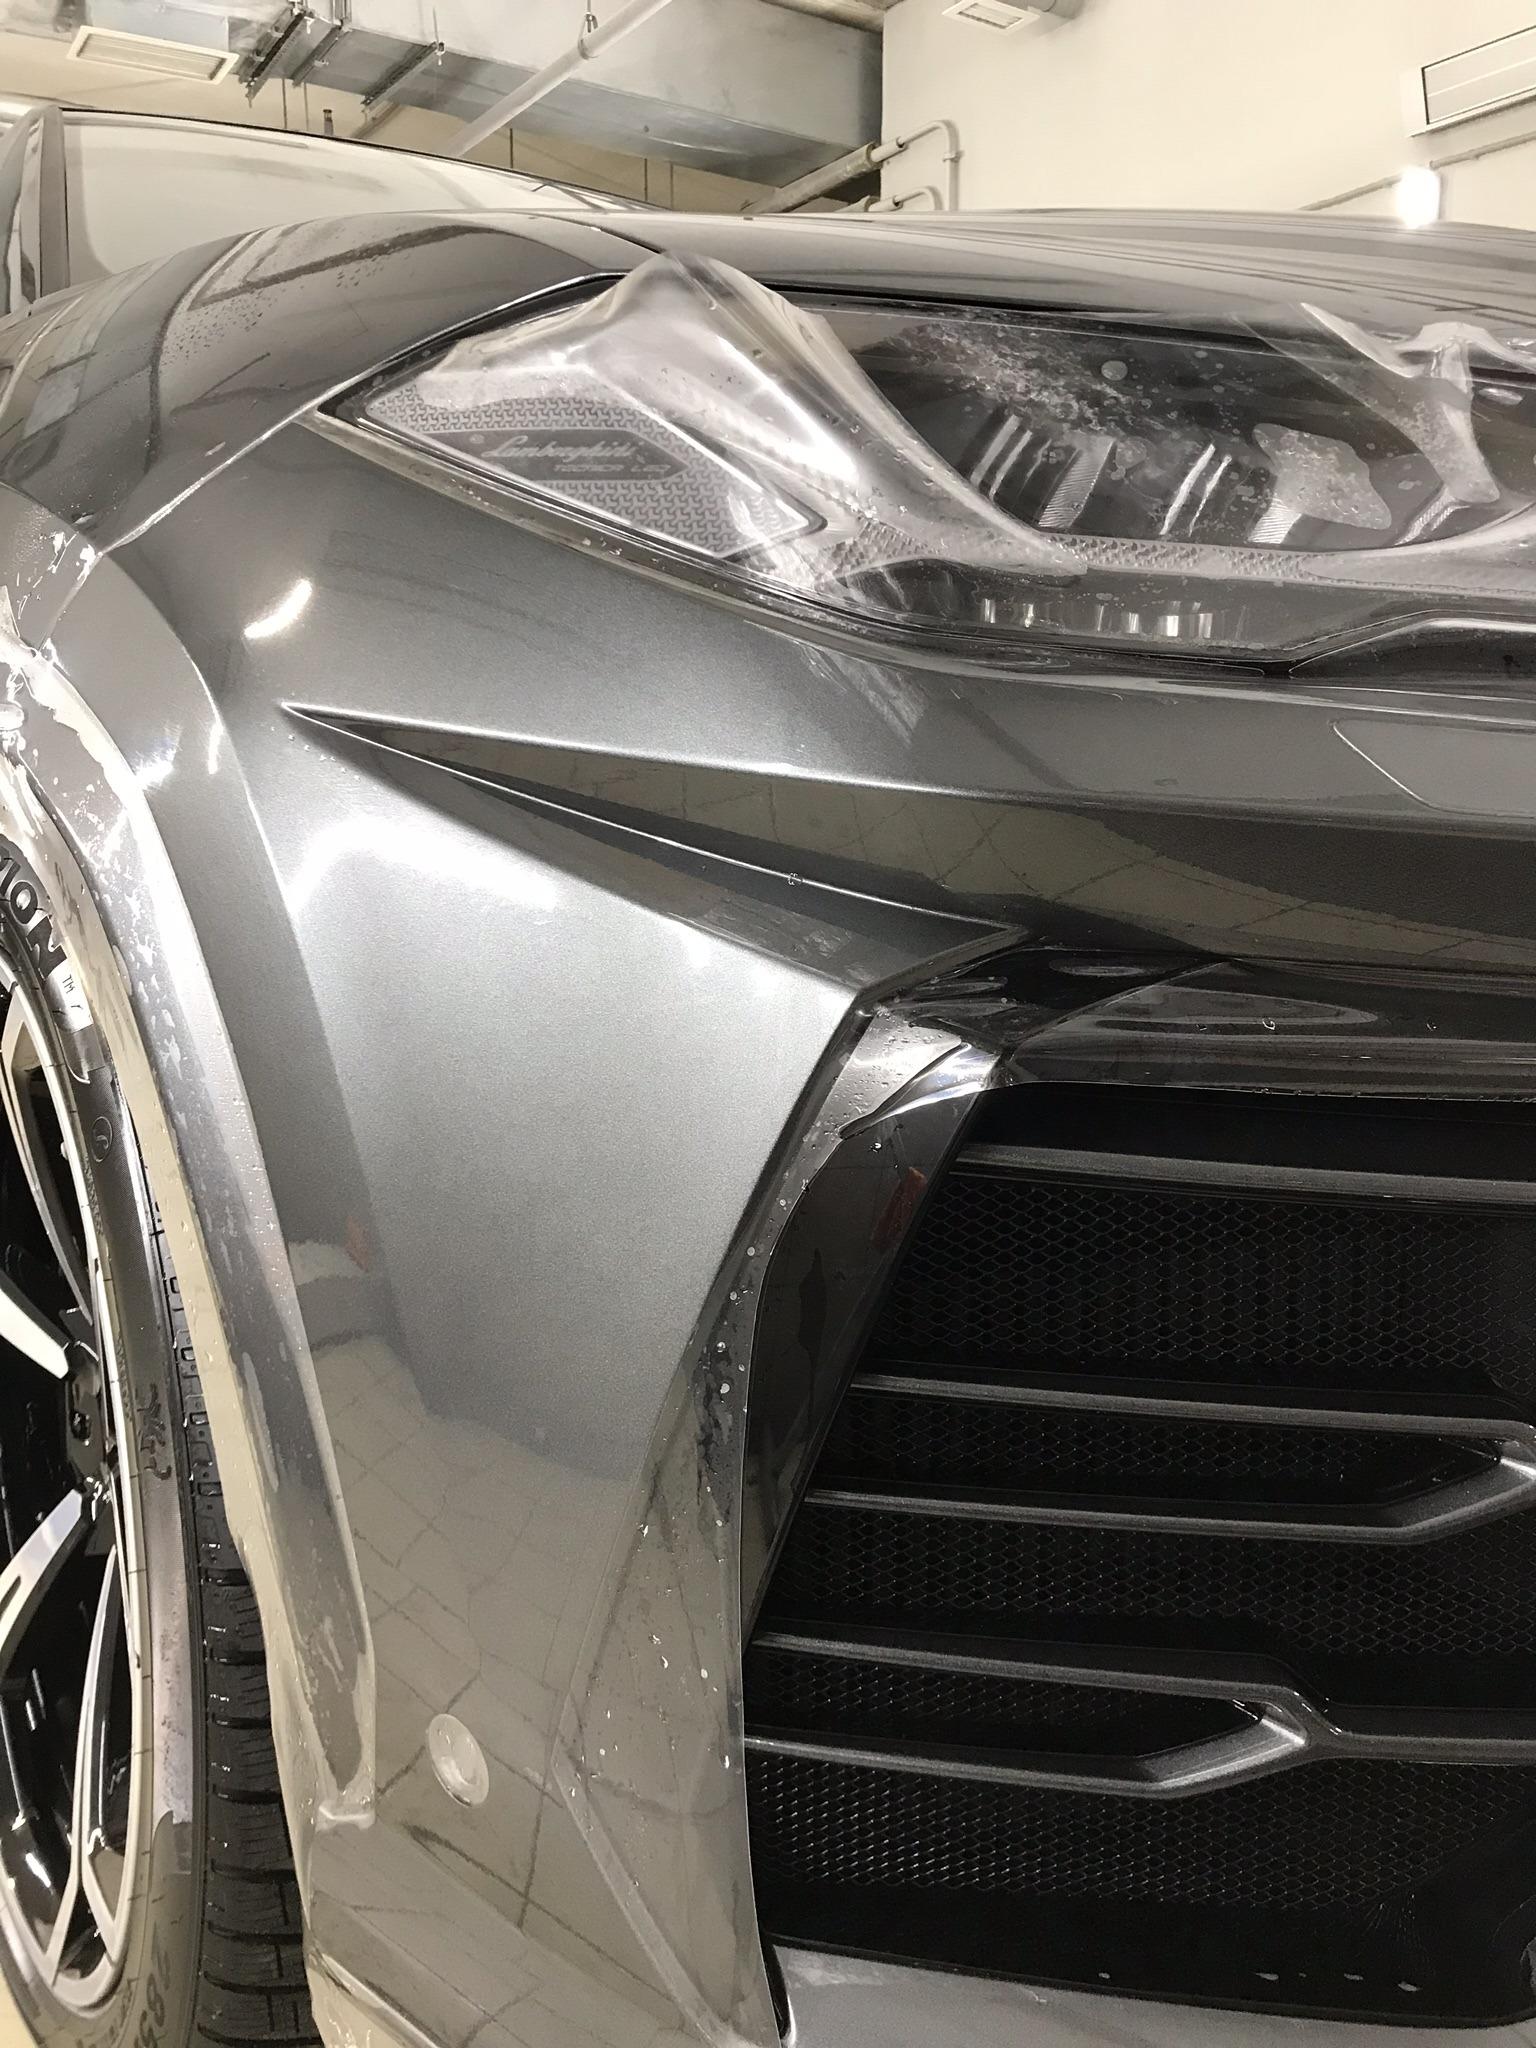 Оклейка передней части автомобиля Lamborghini Urus полеуретановой пленкой